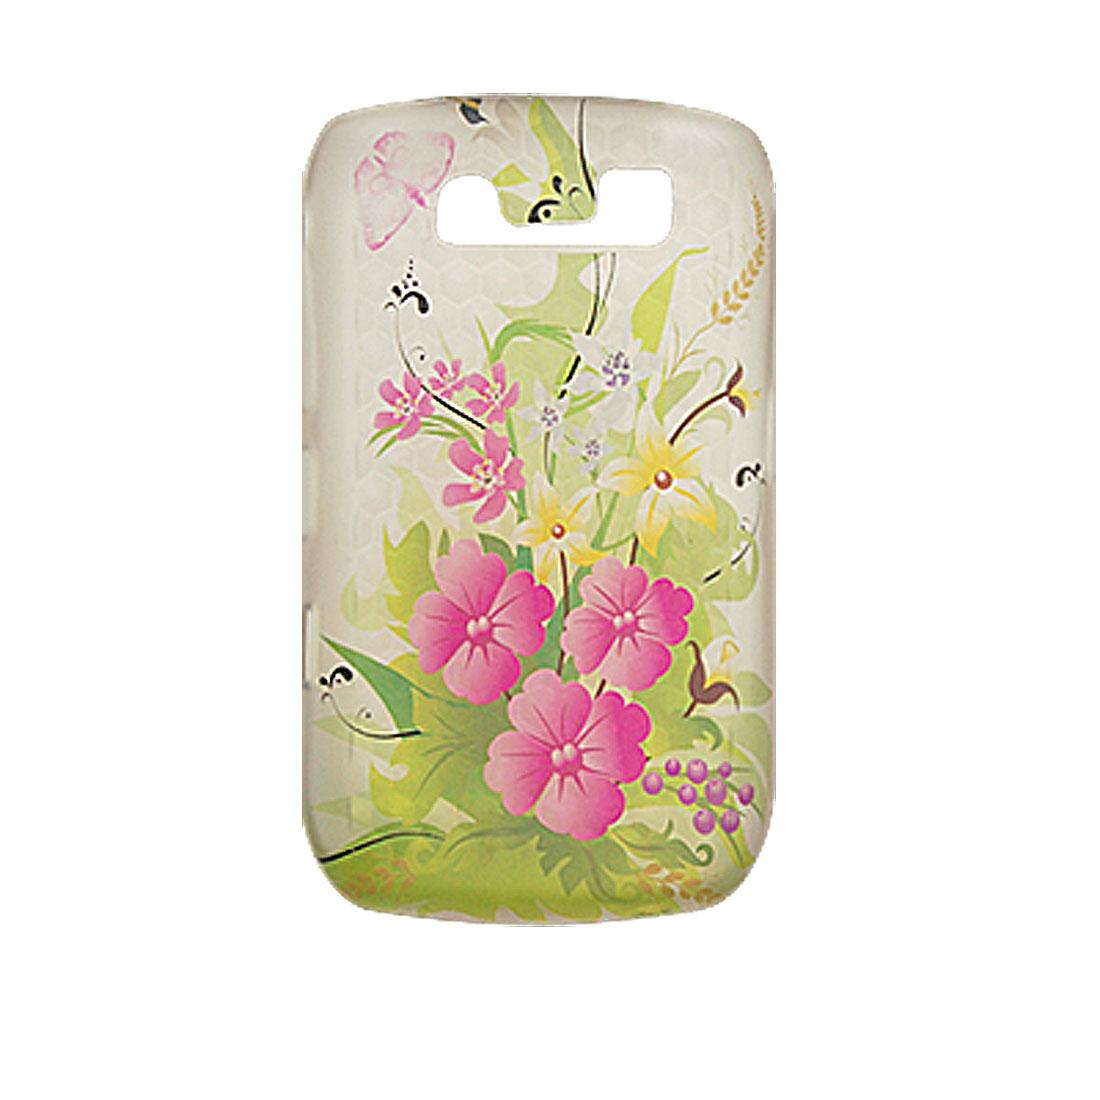 Flower Soft Case Plastic Cover for Blackberry 8900